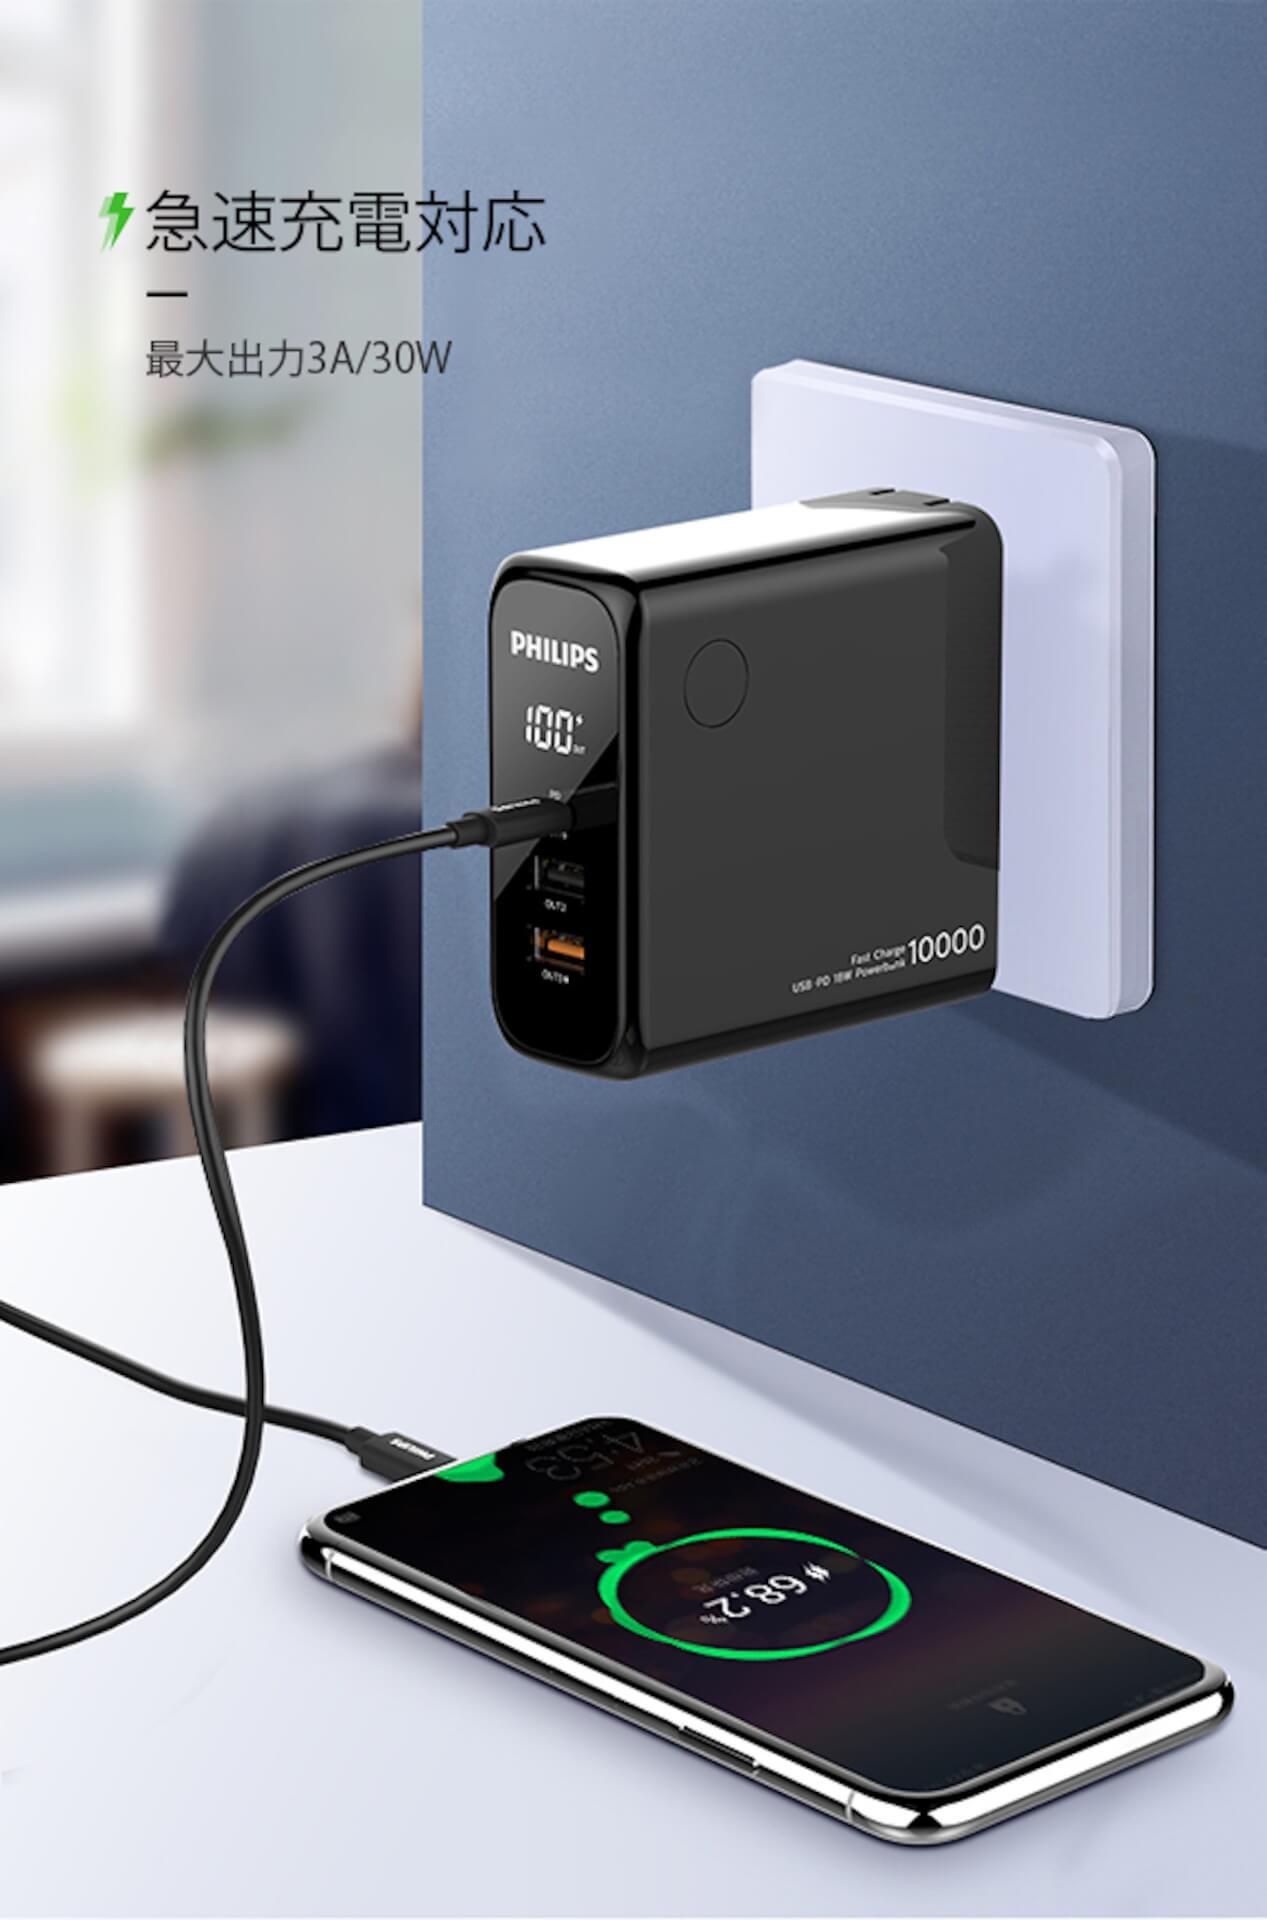 充電器とモバイルバッテリーが1つで完結するアダプターがPHILIPSから登場!クラウドファンディングにて先行販売が開始 tech200422_philips_02